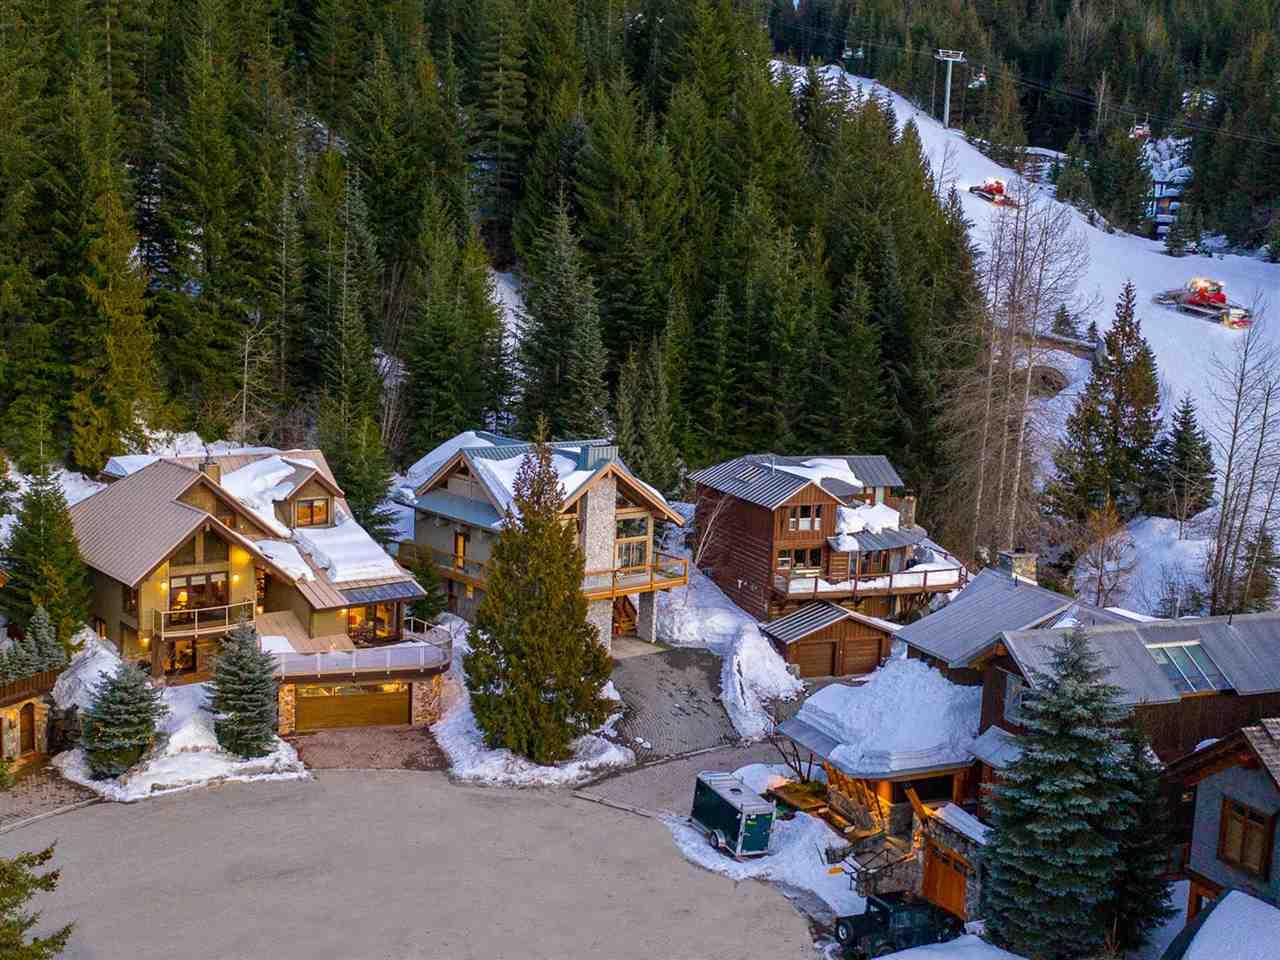 2566 SNOWRIDGE CRESCENT - MLS® # R2467687